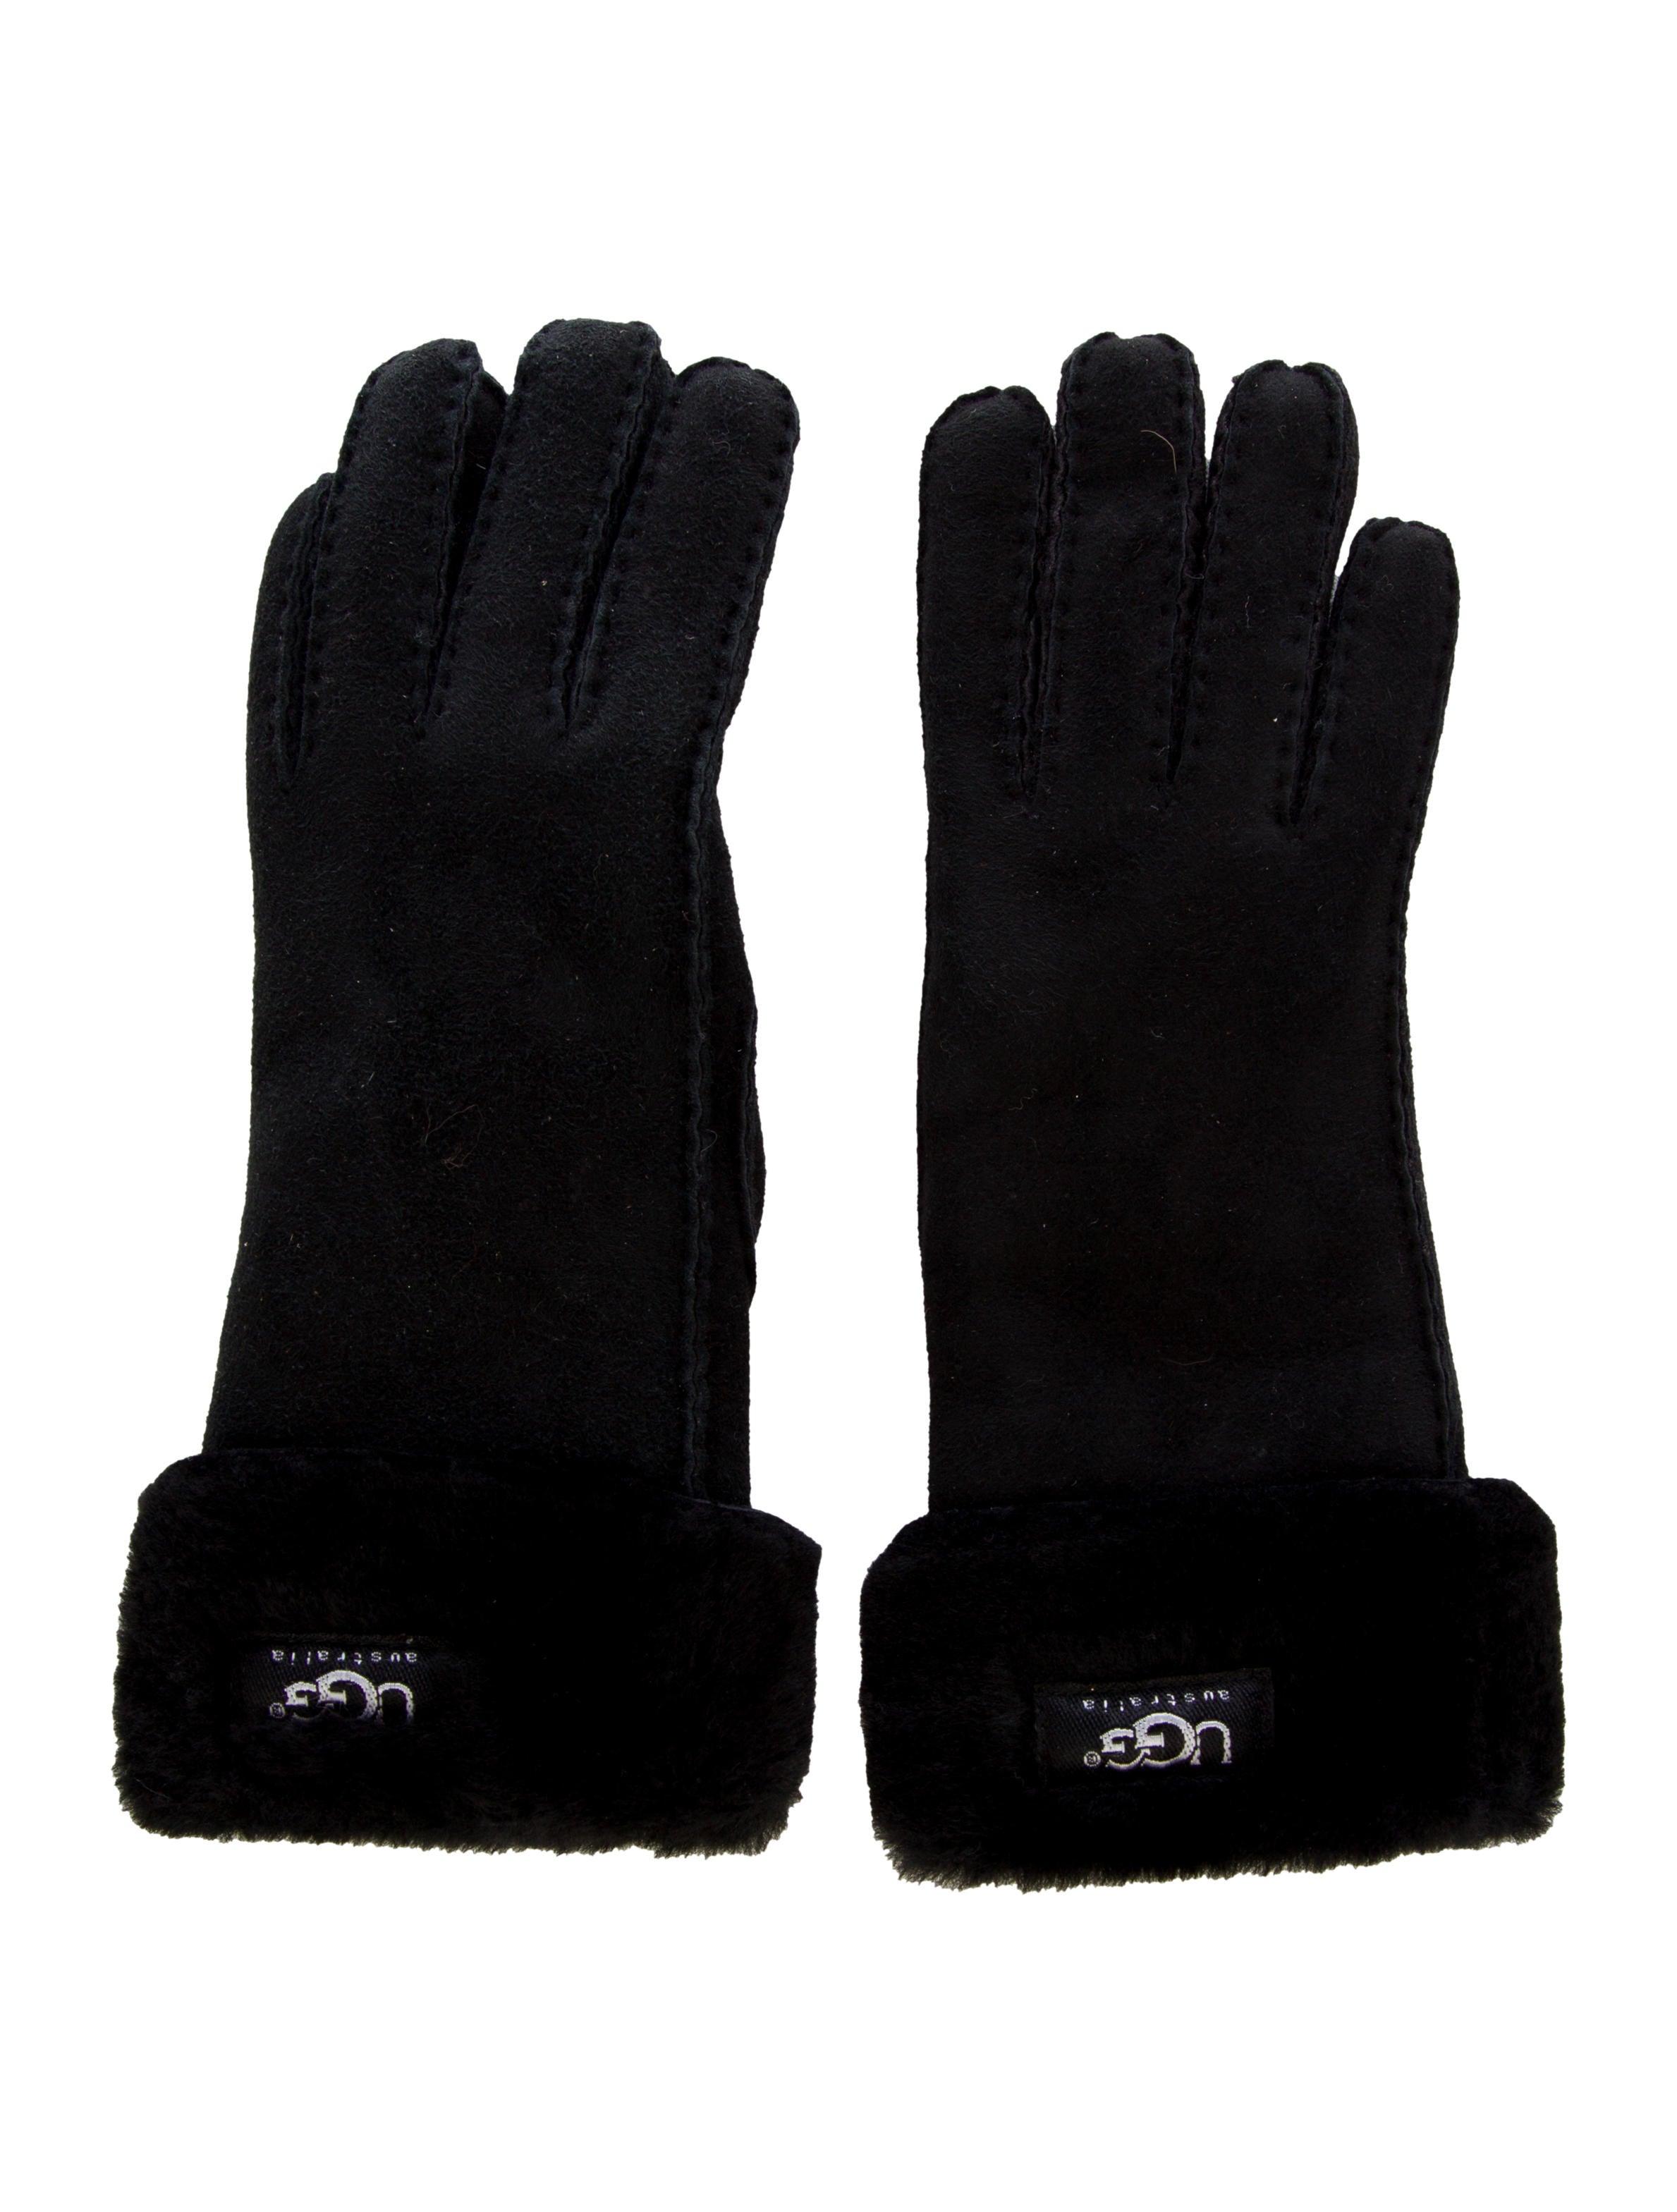 ugg gloves very